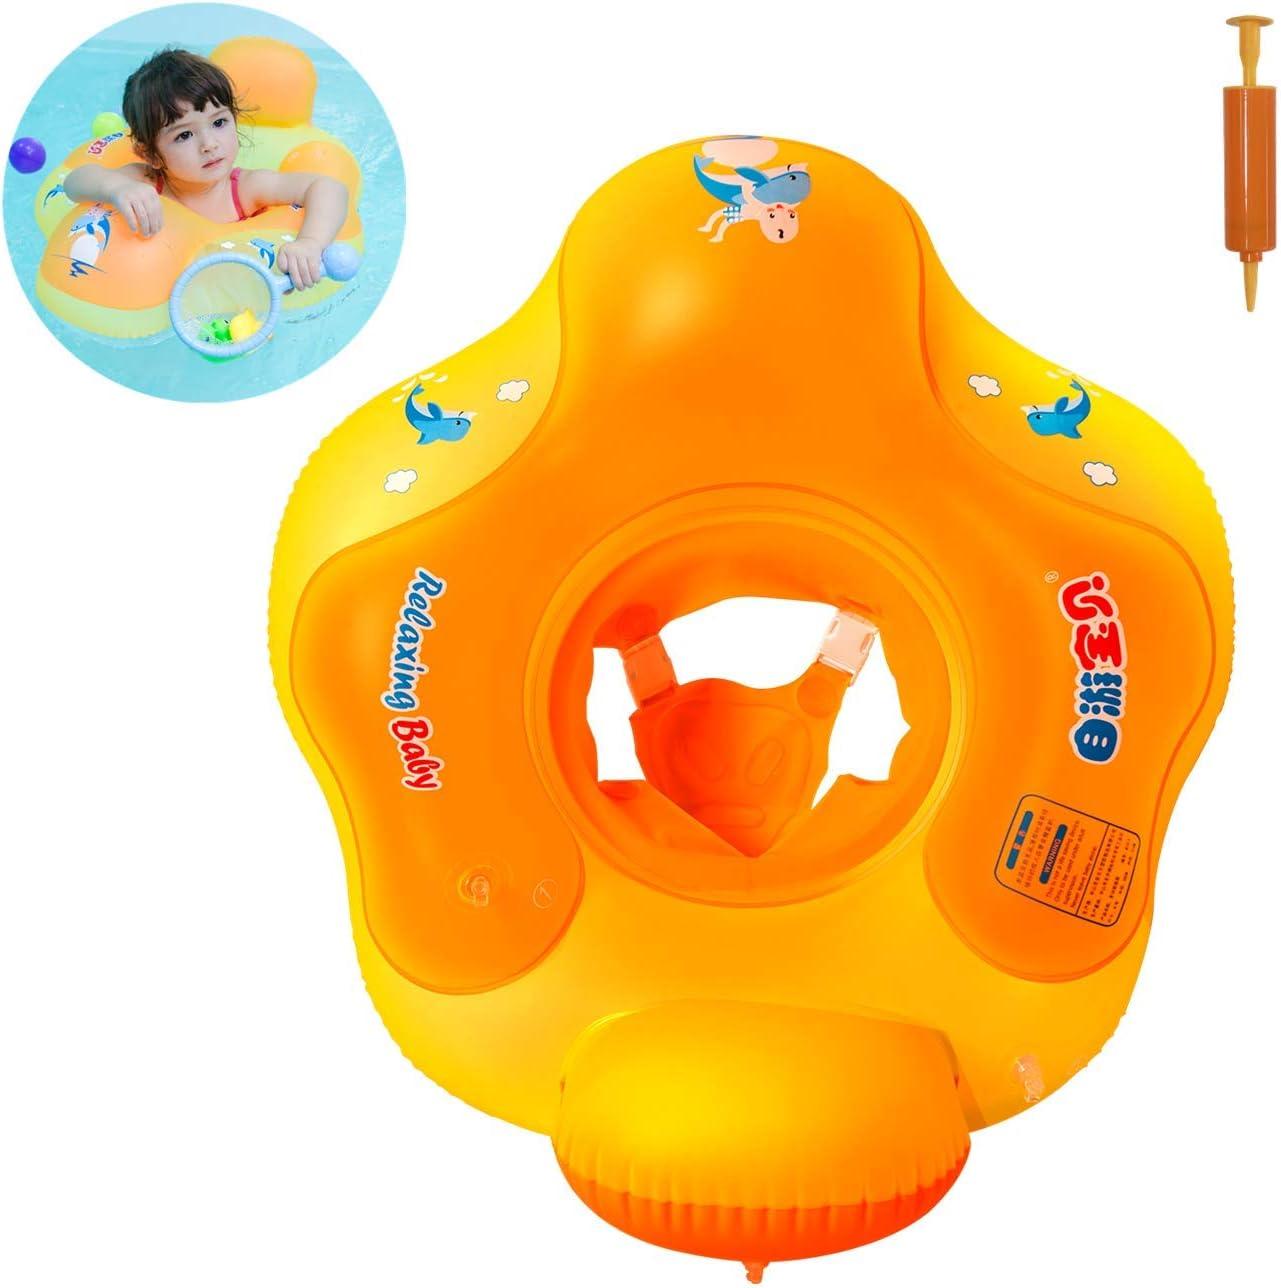 Myir Flotador bebé con Asiento y Respaldo, Anillo de Natación para bebés de Piscina Flotador Inflable para Niños Flotador de Natación Nadar Anillo (Naranja, S)